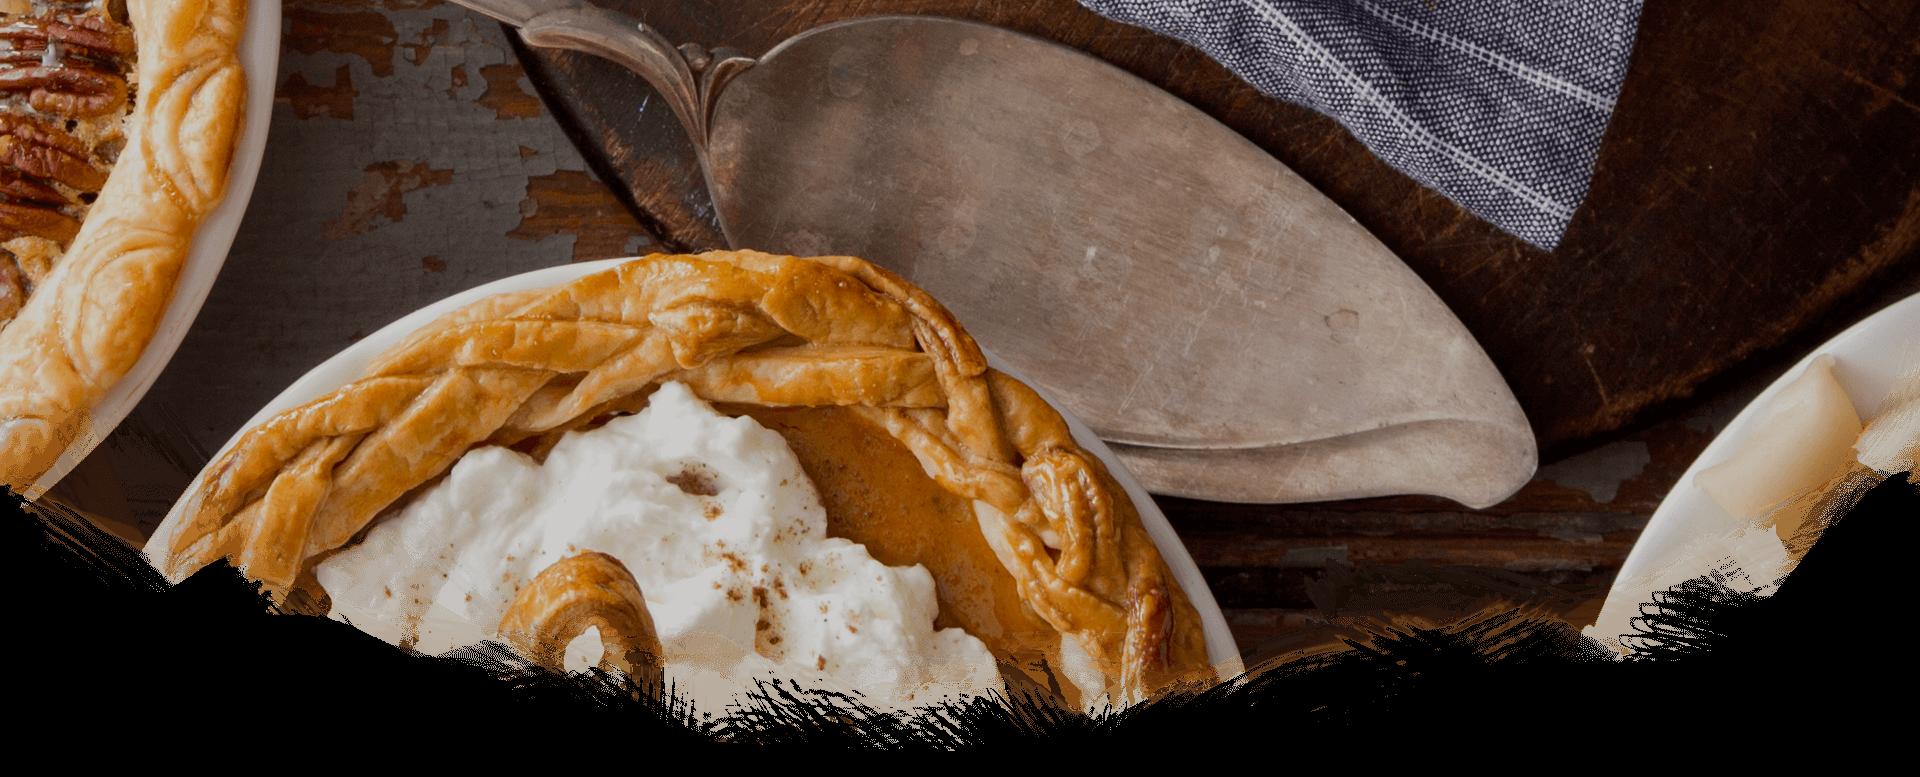 baking-queen-background-image